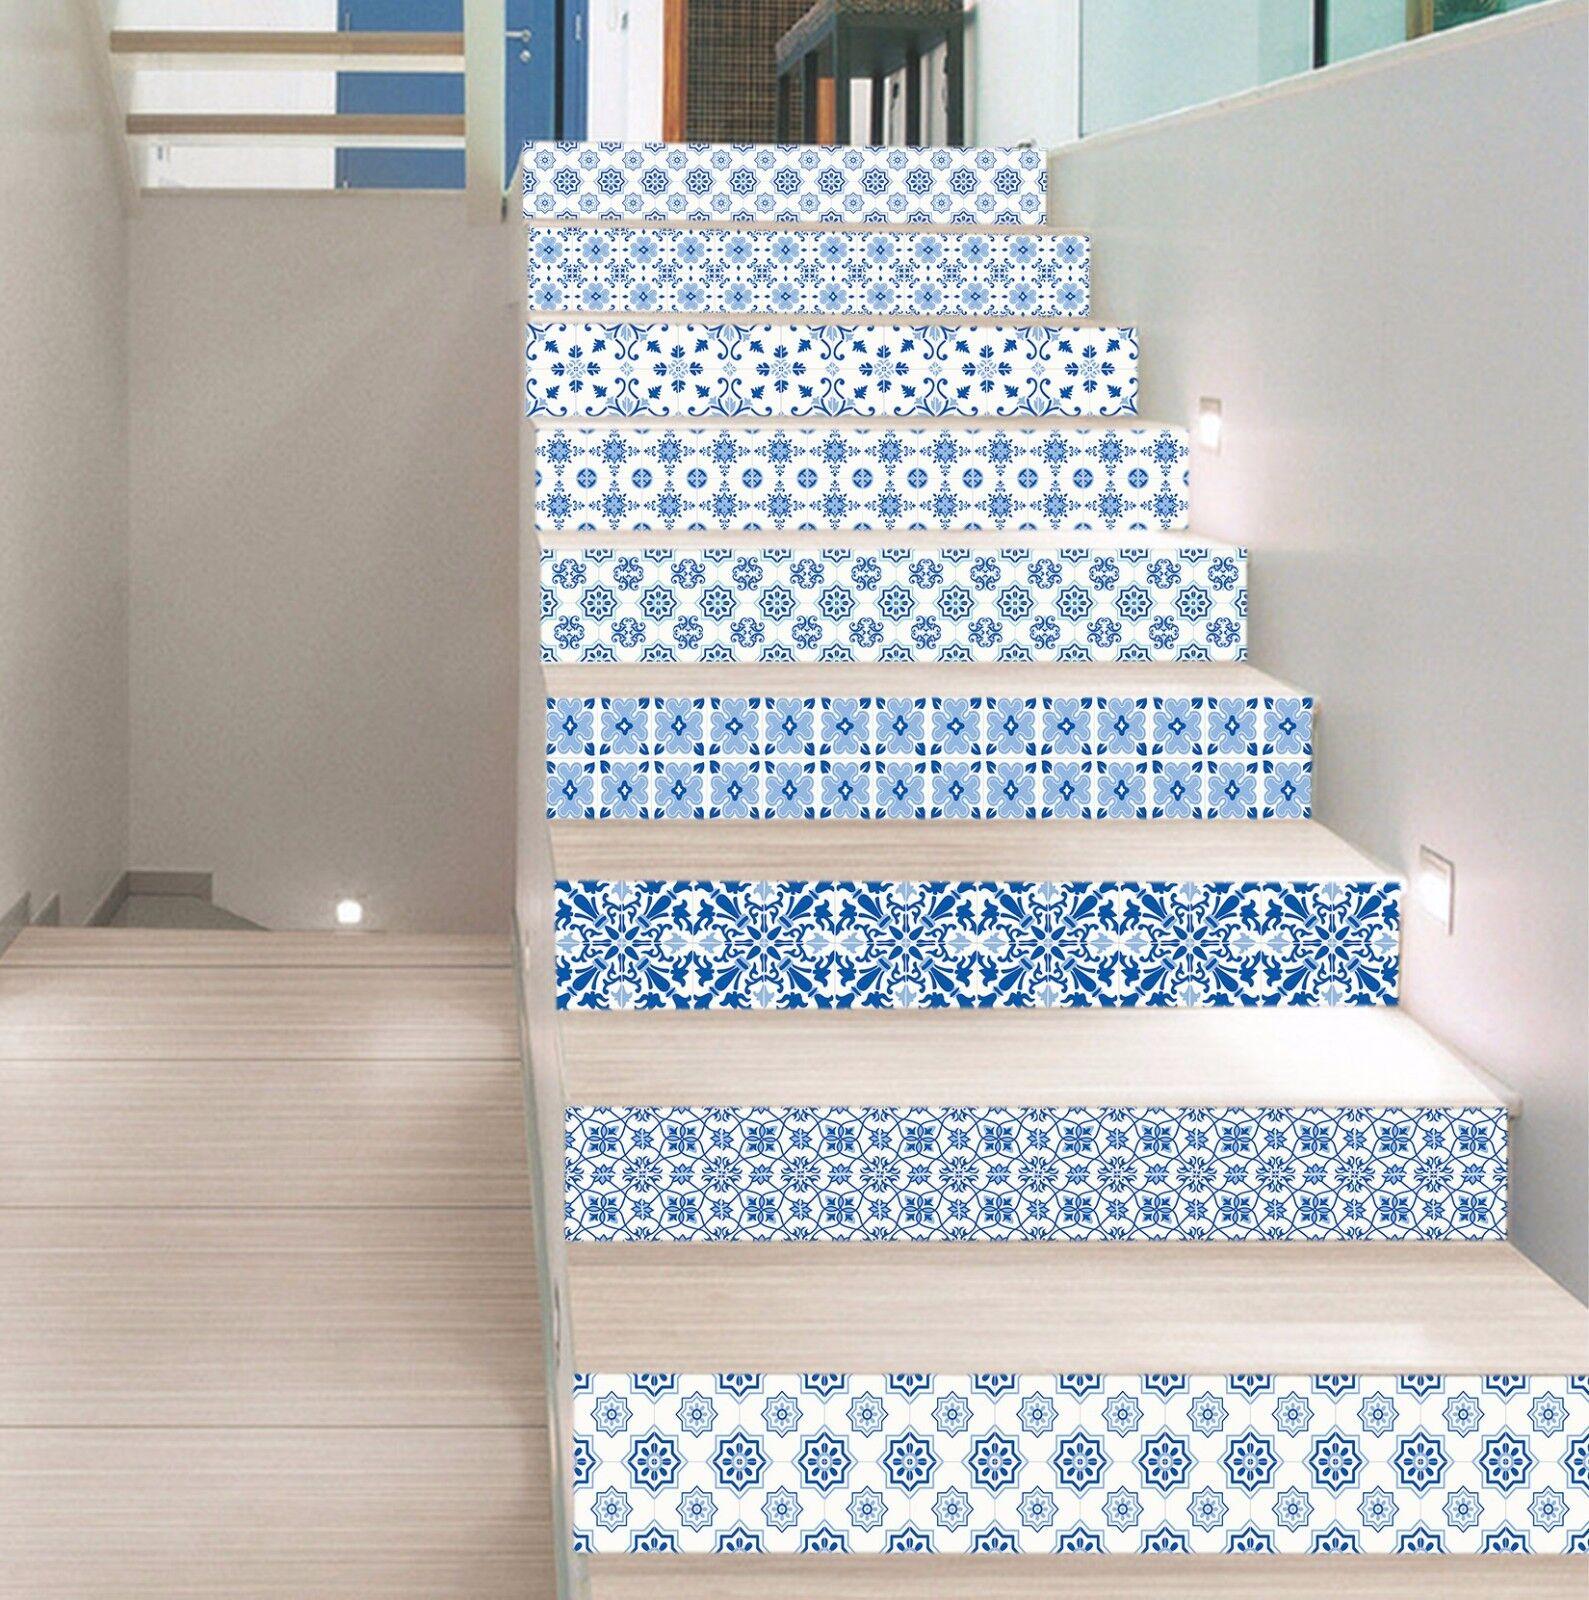 3D grid 437 contremarches Décoration Photo Murale Autocollant Vinyle Papier Peint Royaume-Uni Citron